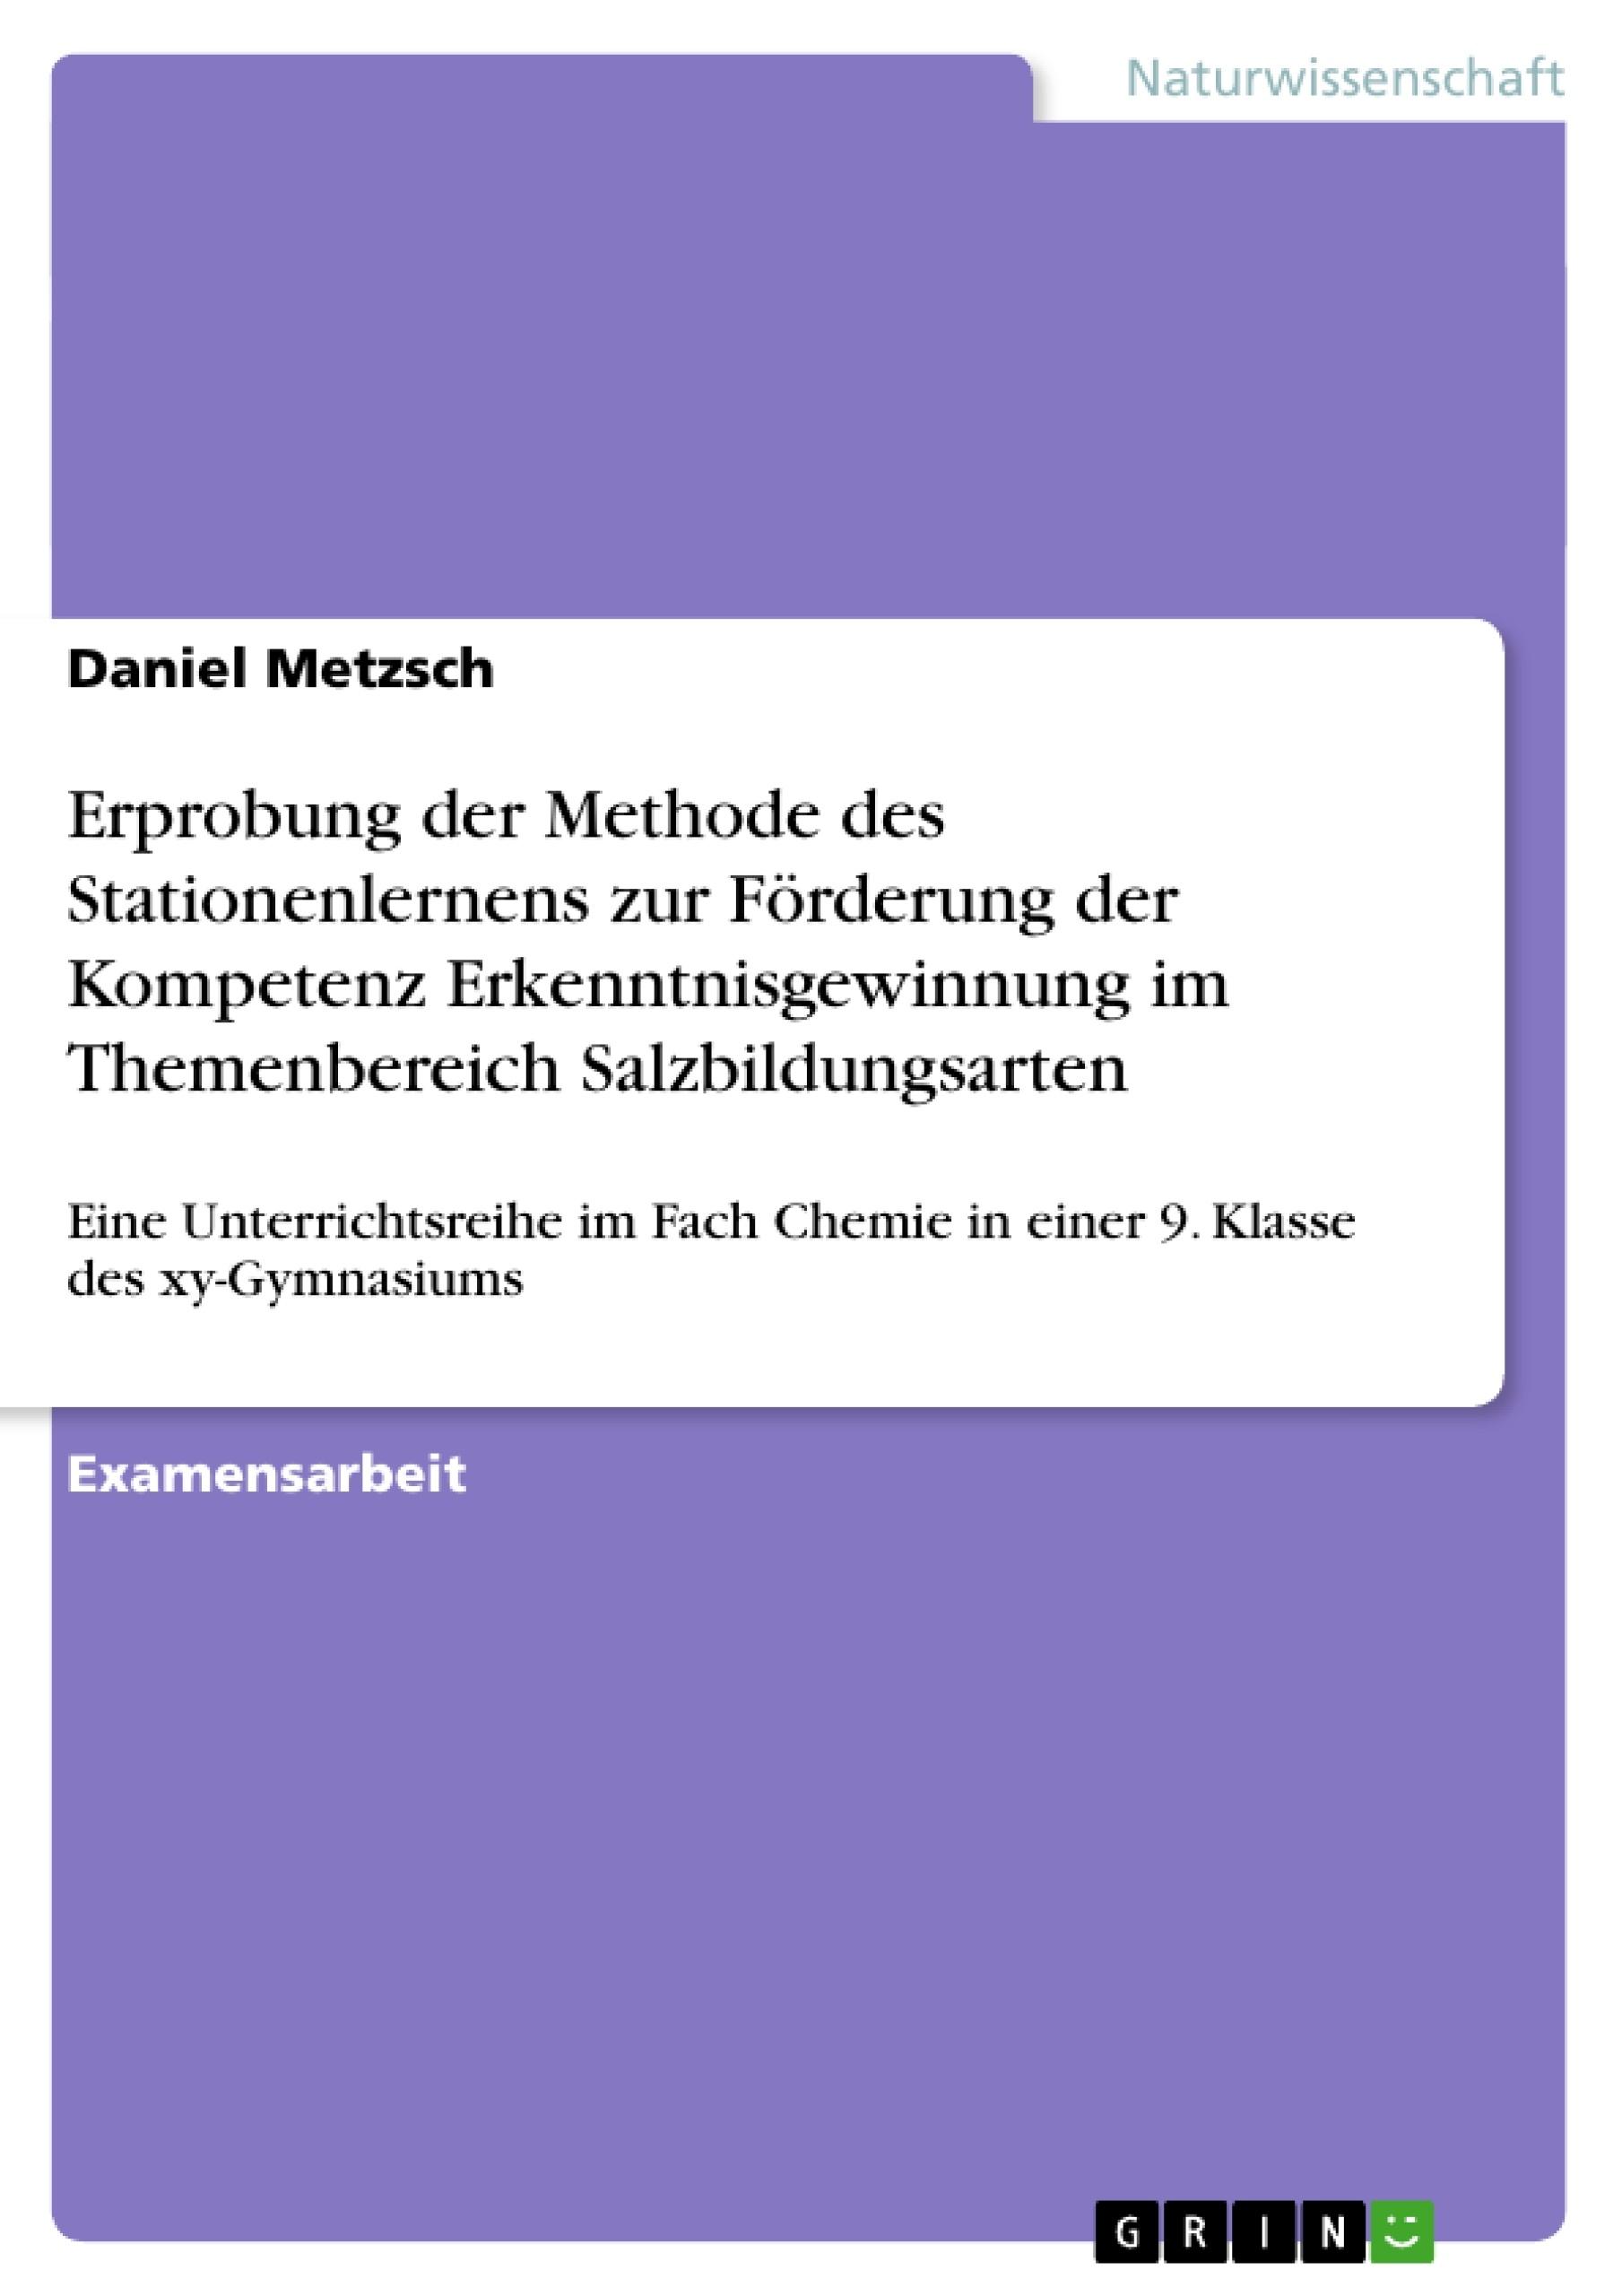 Erprobung der Methode des Stationenlernens zur Förderung der ...